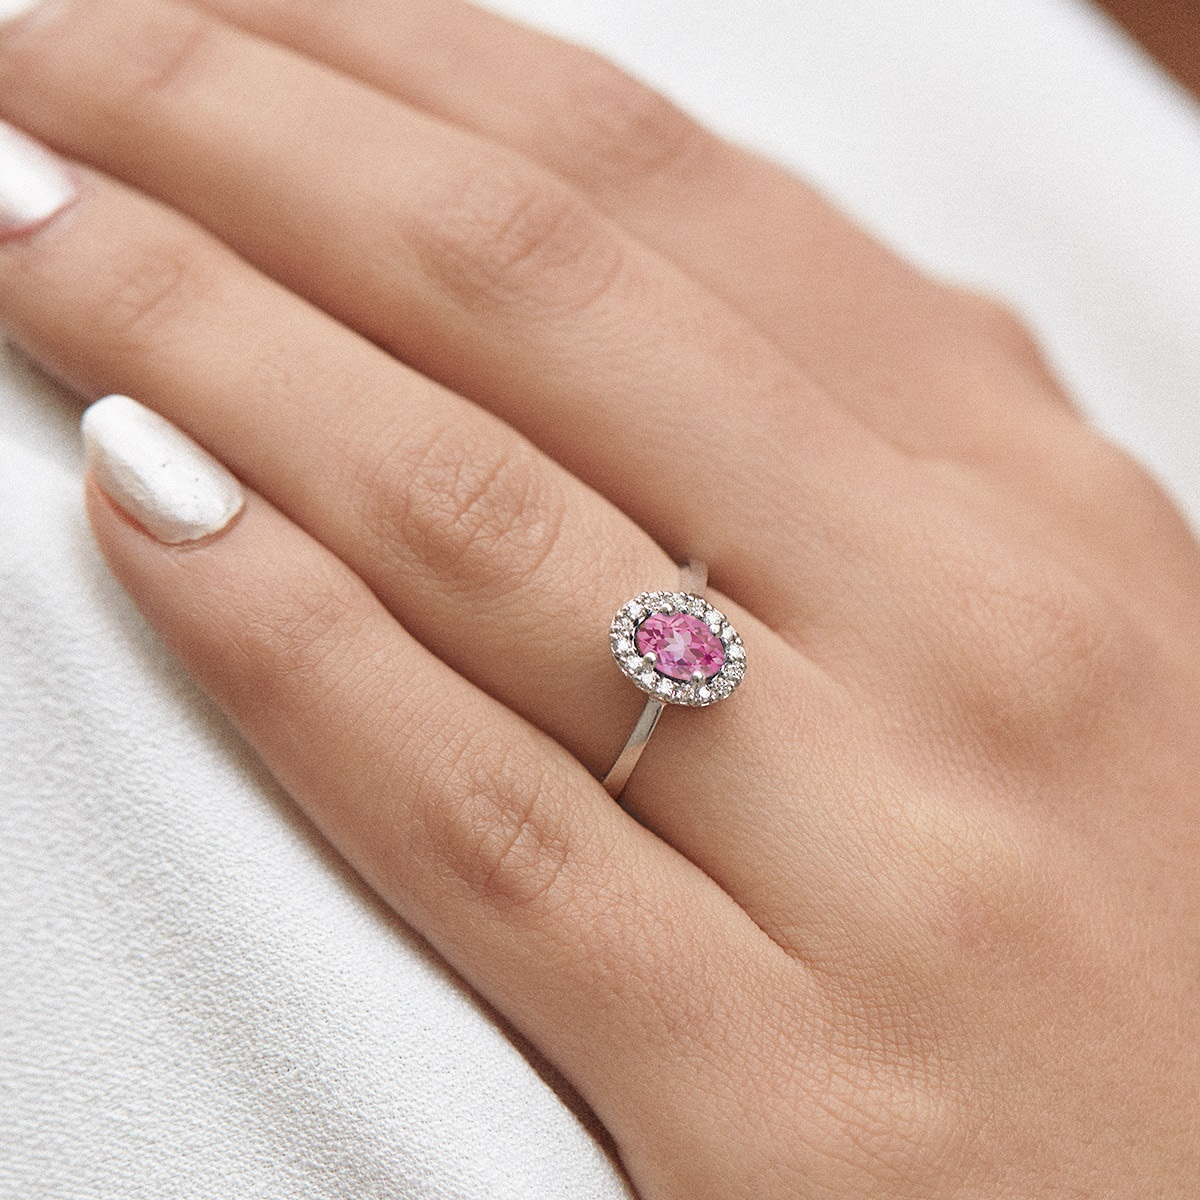 růžový safír